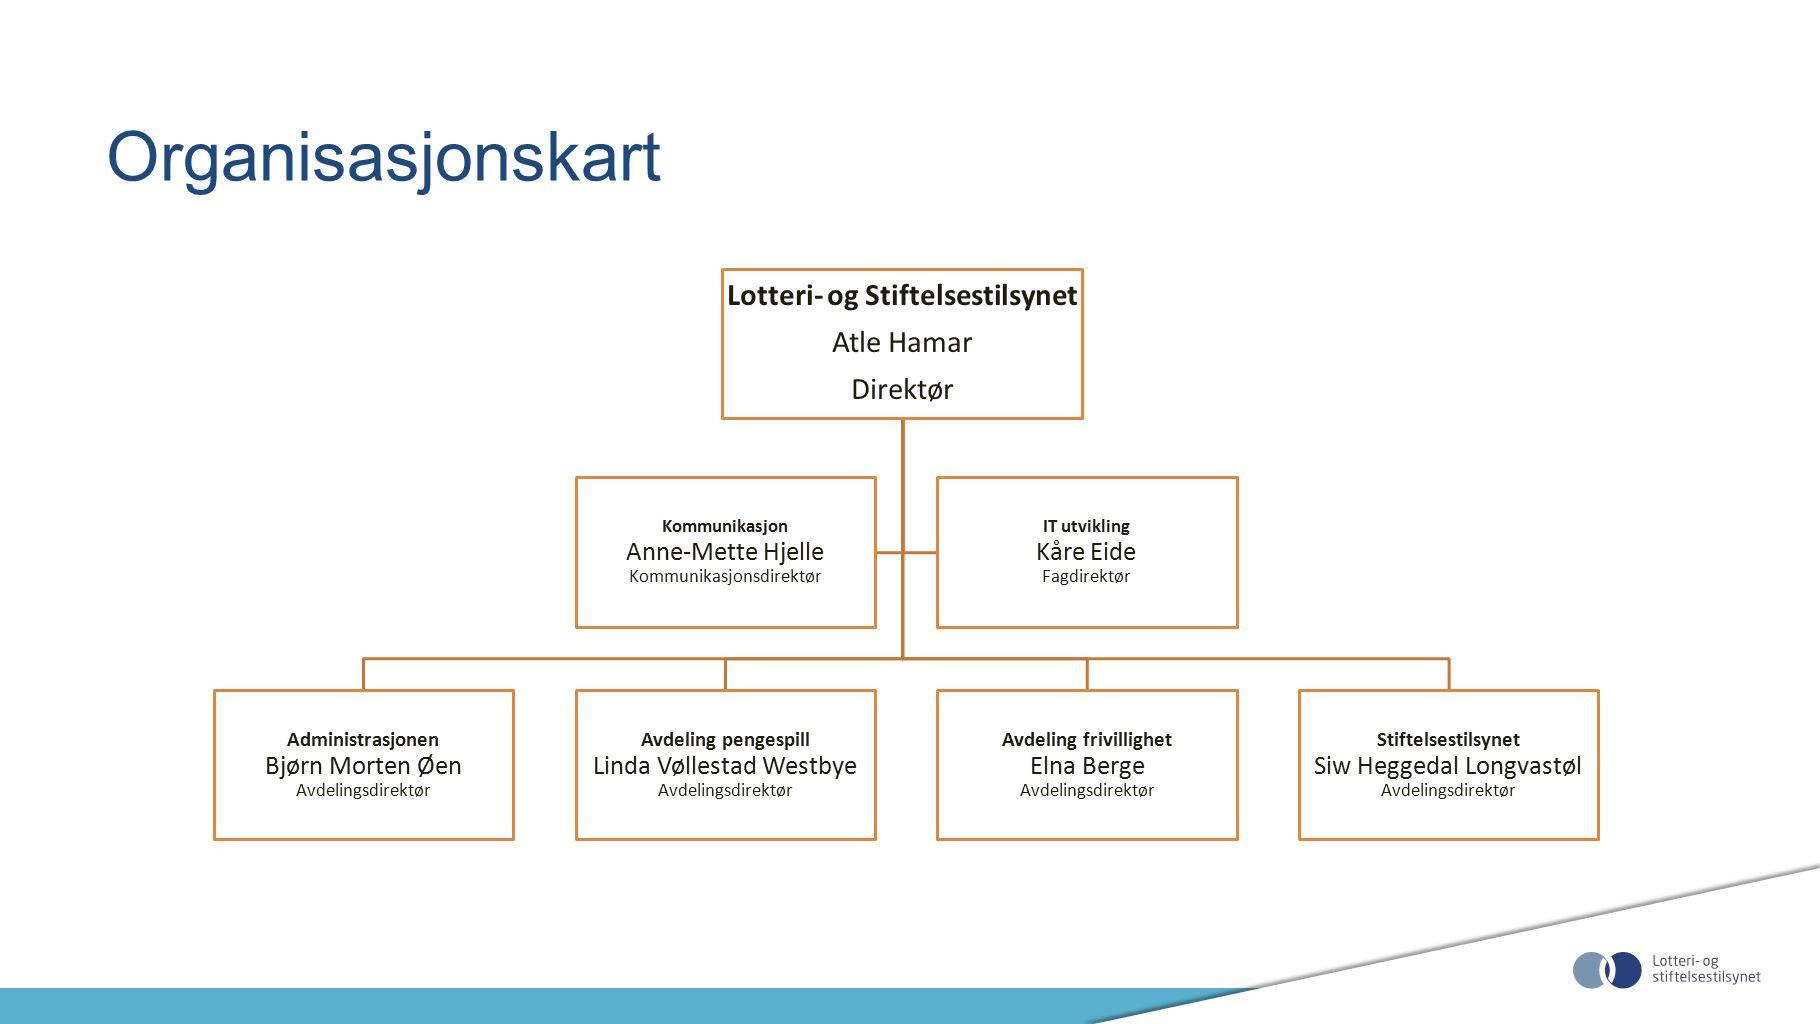 Organisasjonskart Lotteri- og Stiftelsestilsynet Atle Hamar Direktør Administrasjonen Bjørn Morten Øen Avdelingsdirektør Avdeling pengespill Linda Vøl